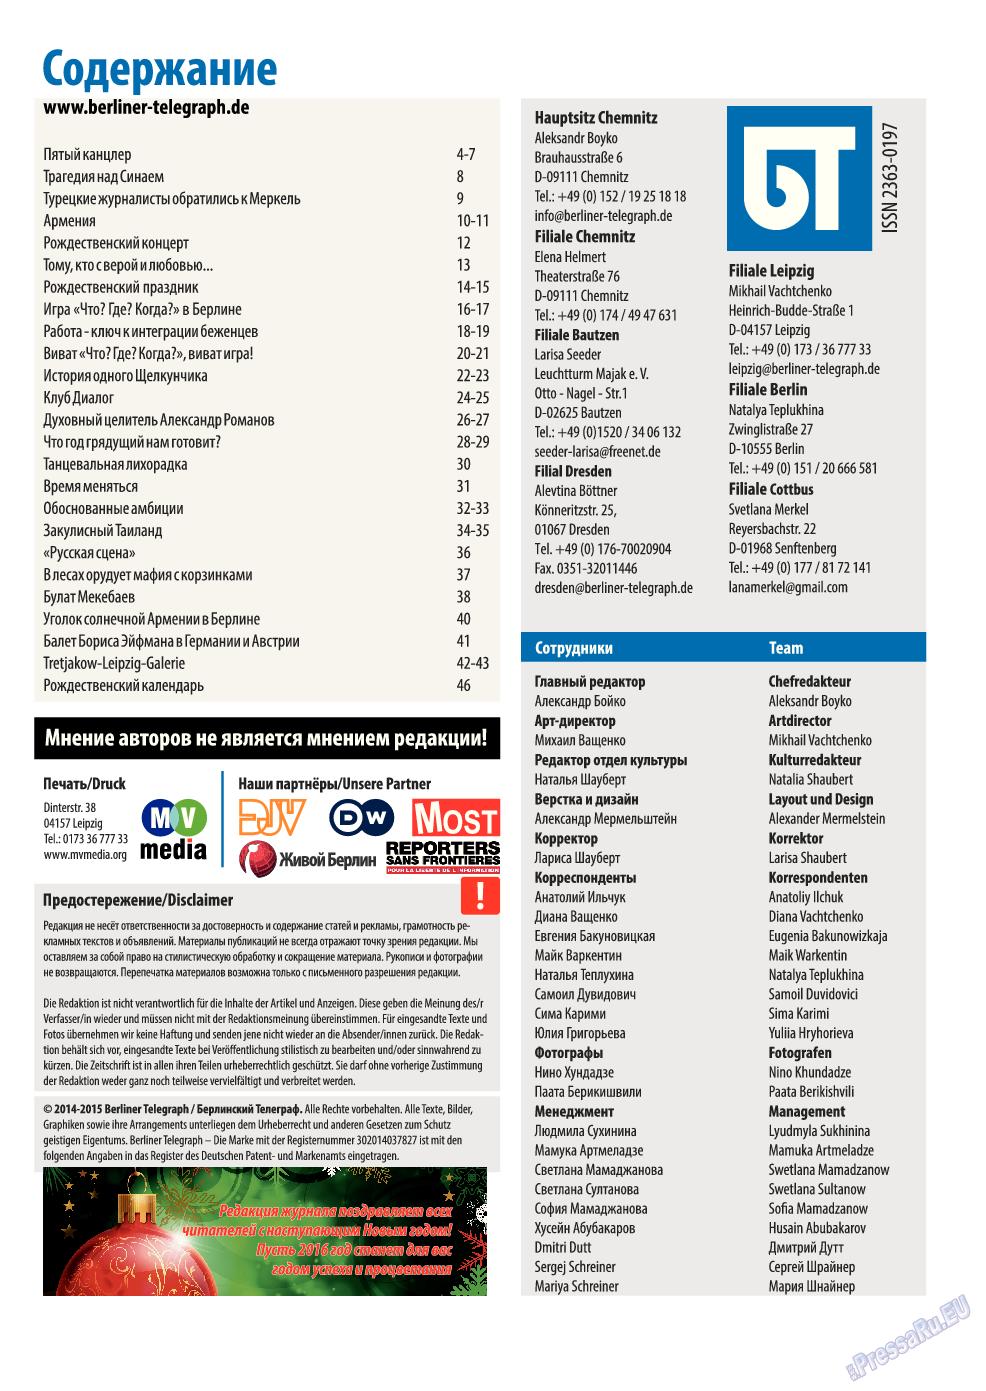 Берлинский телеграф (журнал). 2015 год, номер 11, стр. 3